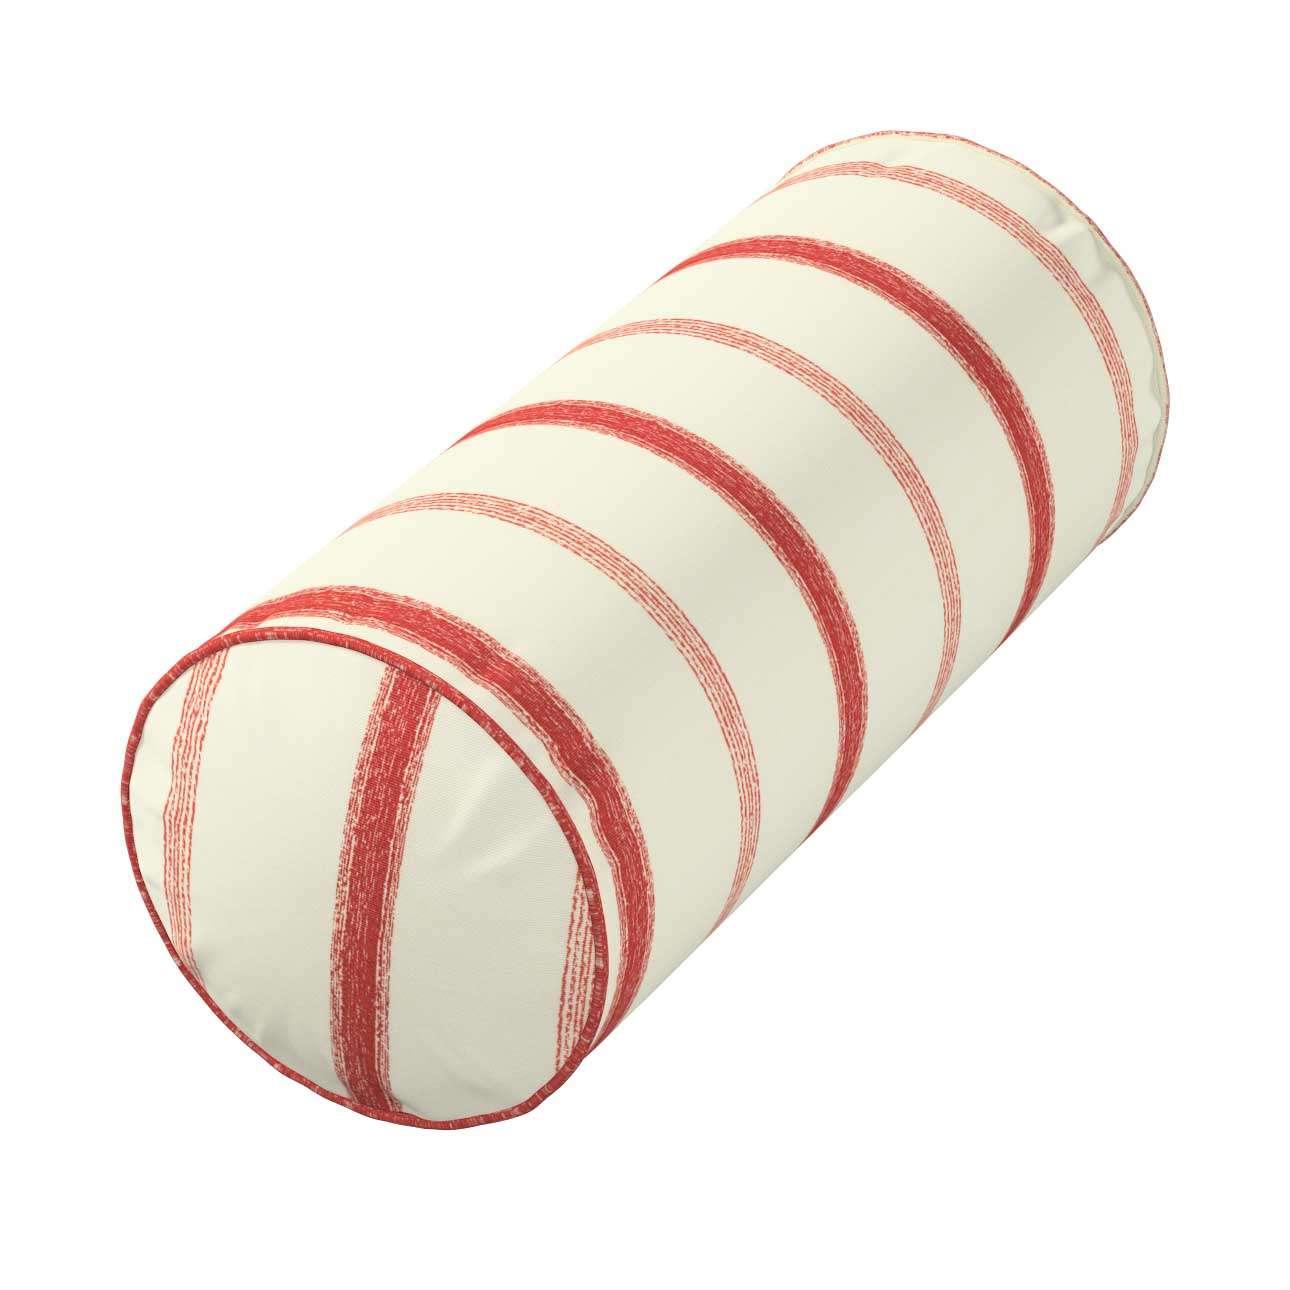 Ektorp pagalvėlė Ektorp pagalvėlė kolekcijoje Avinon, audinys: 129-15